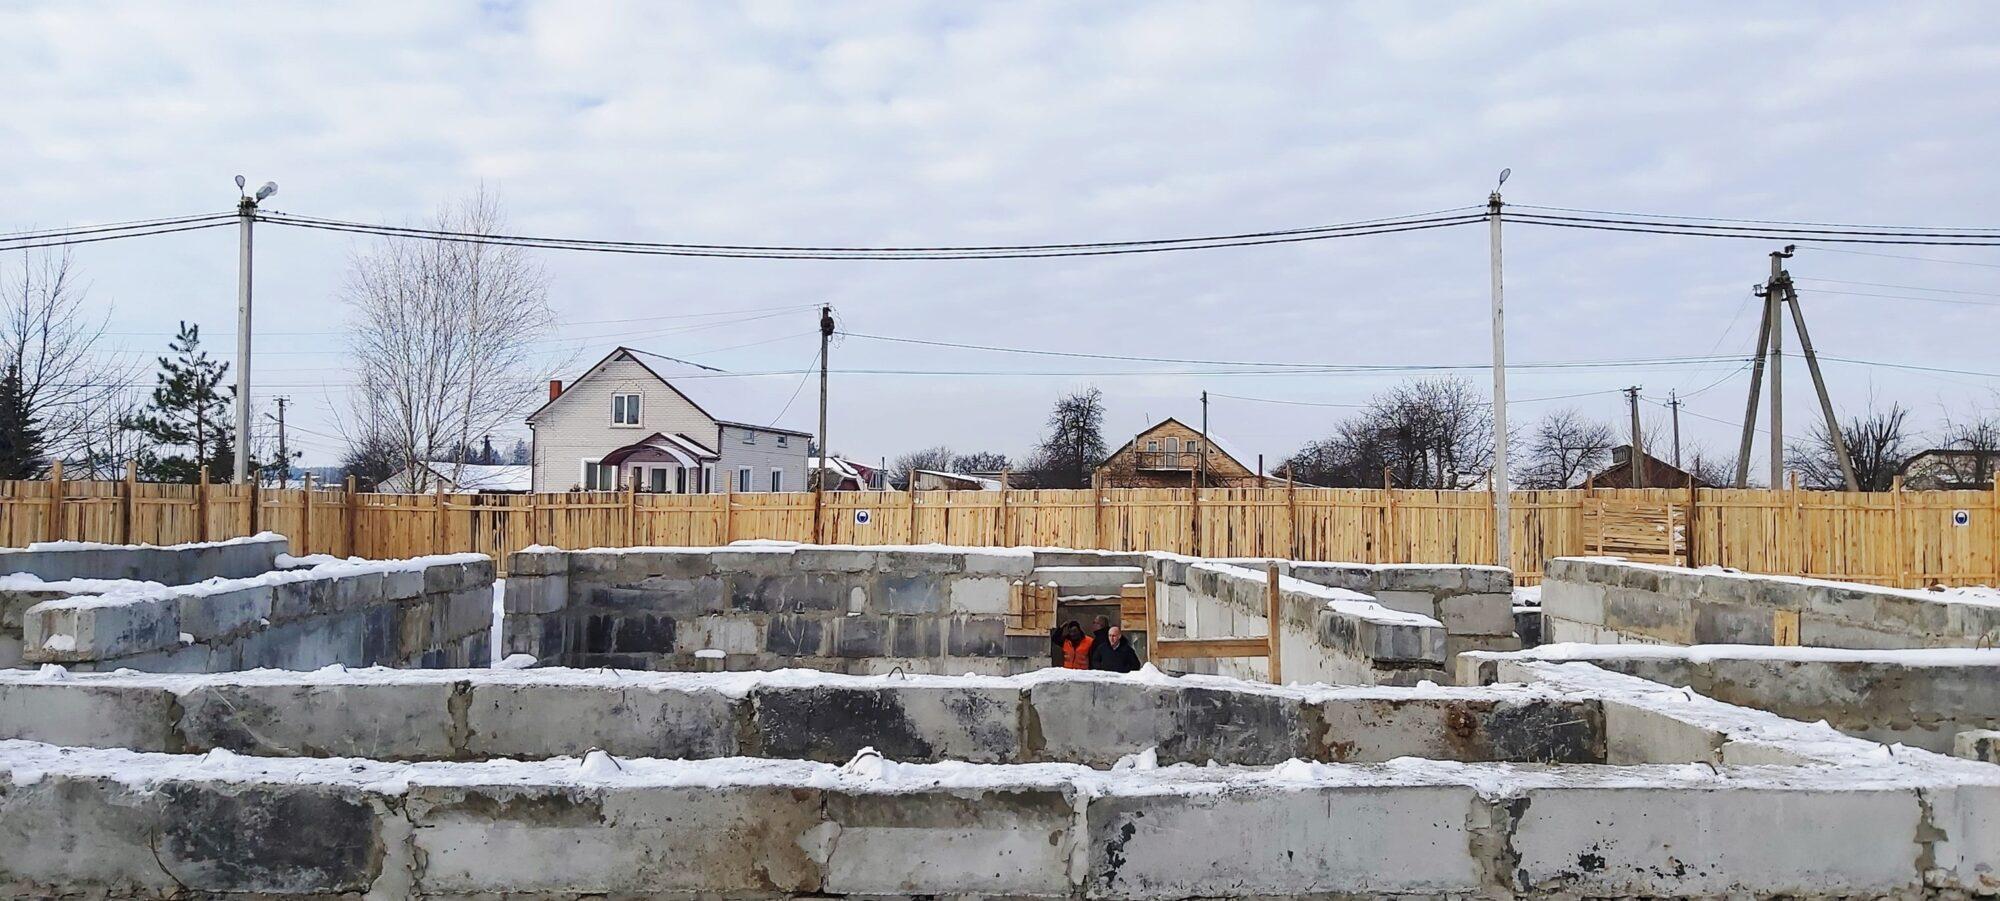 На будівництво Центру реабілітації воїнів АТО на Бородянщині виділять 14,2 млн грн - реабілітація, Дружня, воїни, Будівництво, Бородянська ОТГ, АТО (ОСС) - 17 tsentr ATO3 2000x901